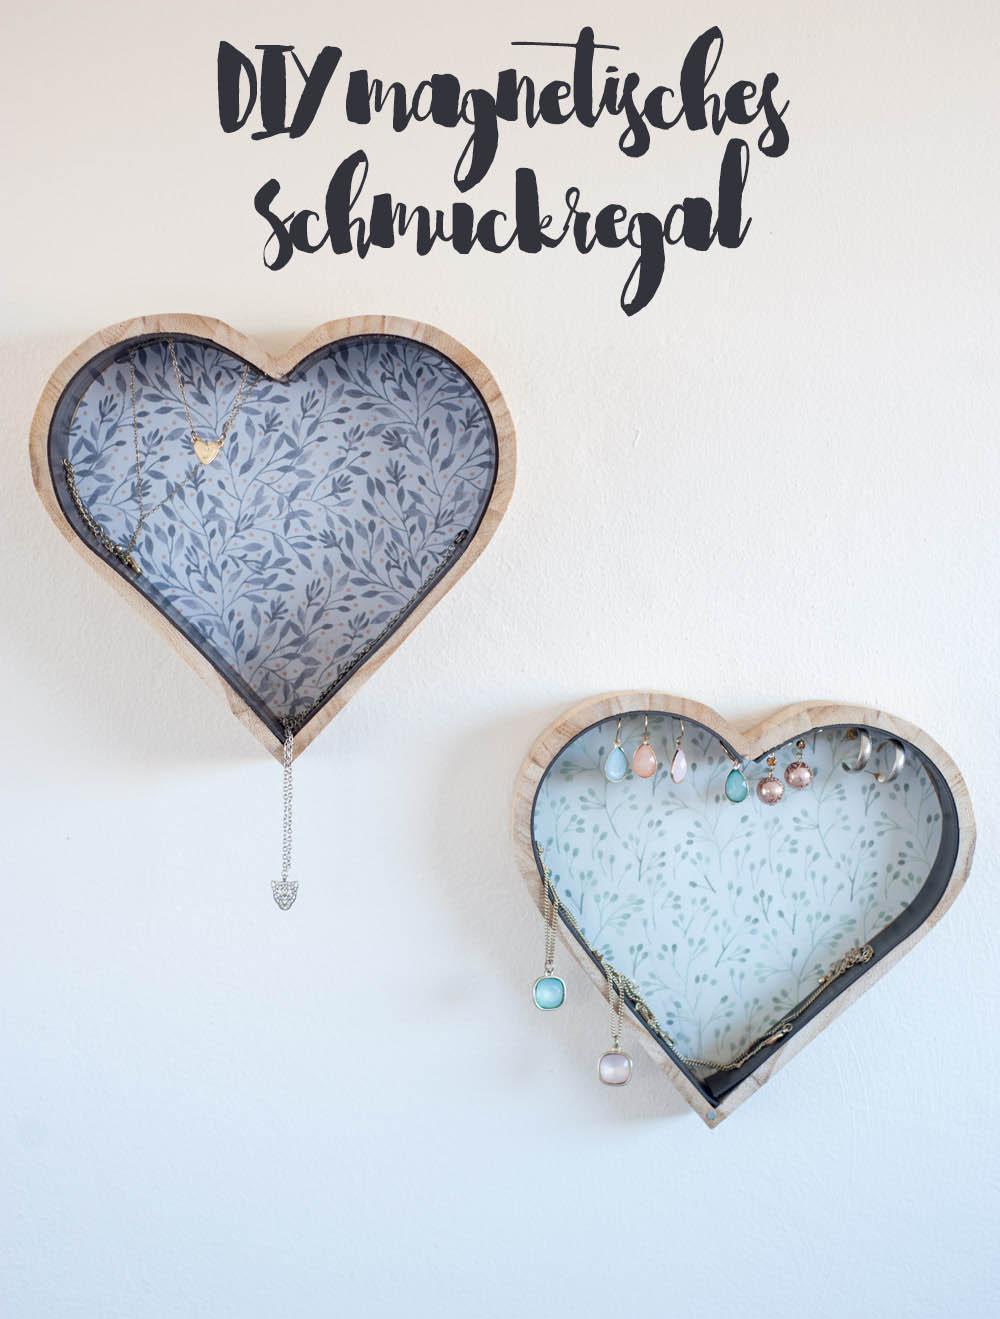 magnetisches Schmuckregal Herzform für die Wand